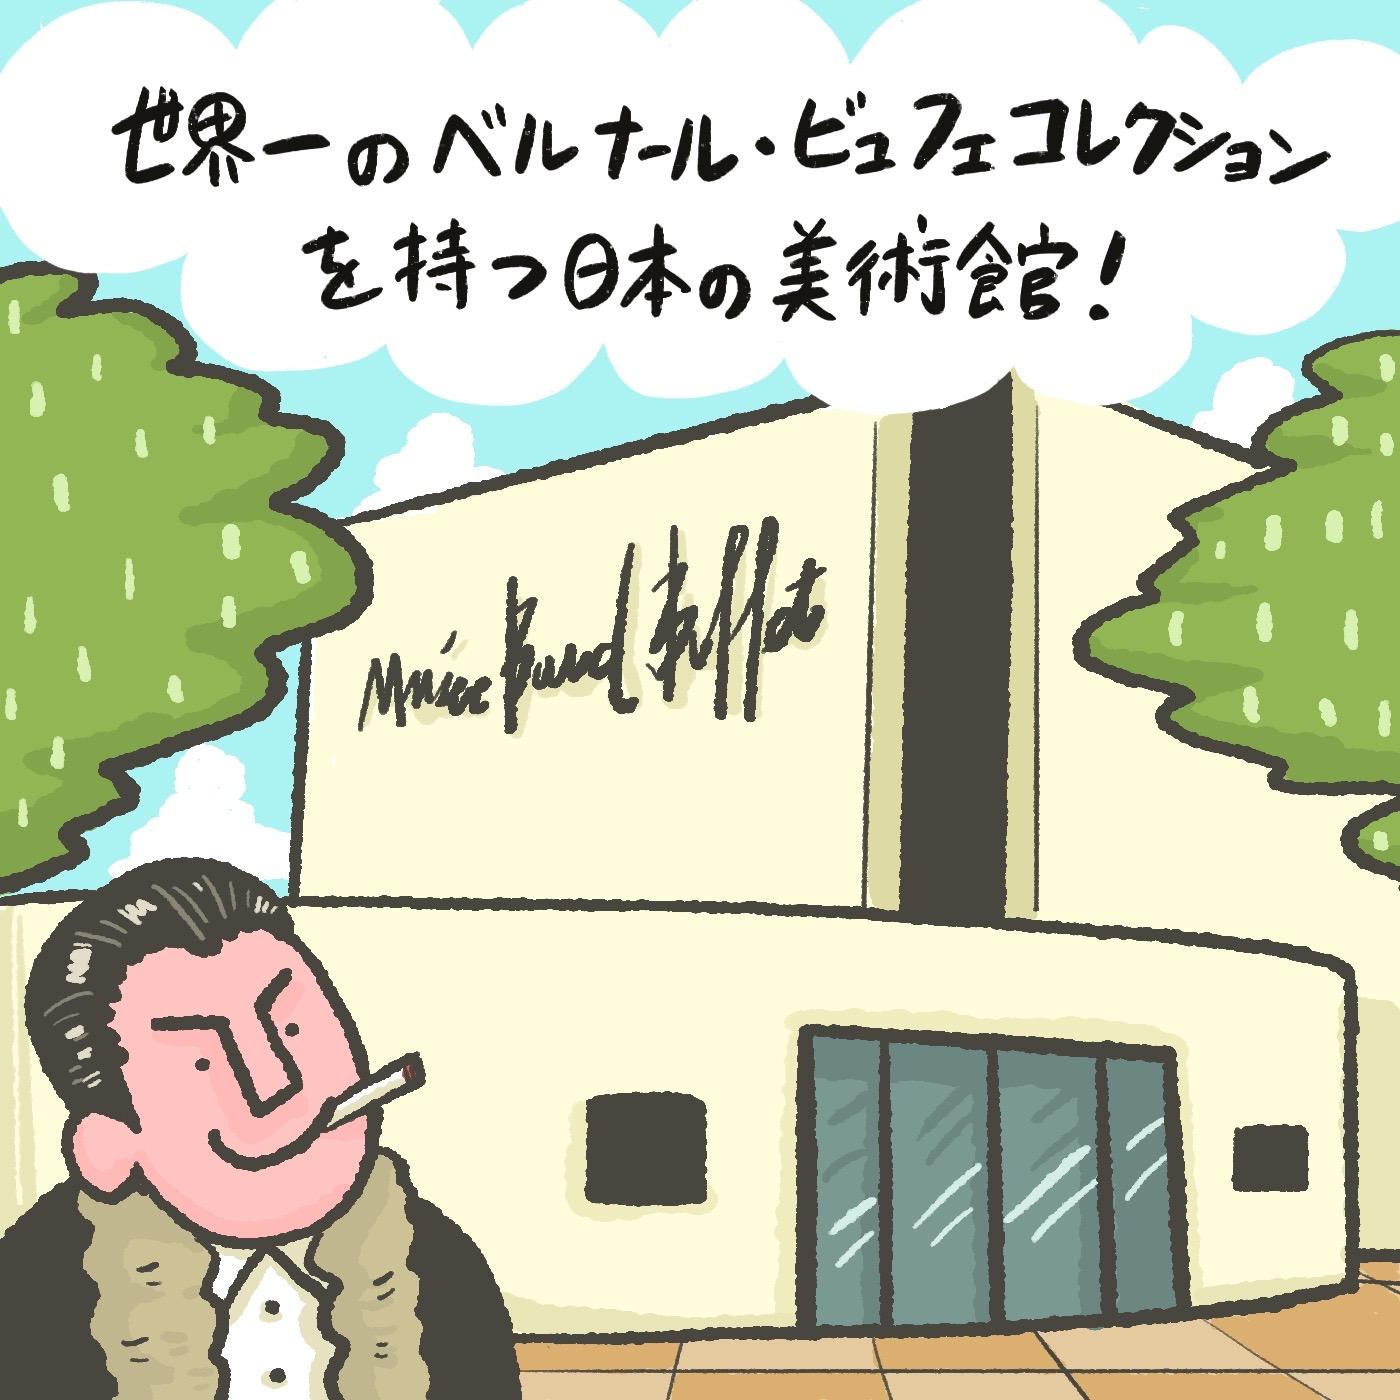 静岡県 ベルナール・ビュフェ美術館 ベルナール・ビュフェ OBIKAKE ナニソレ